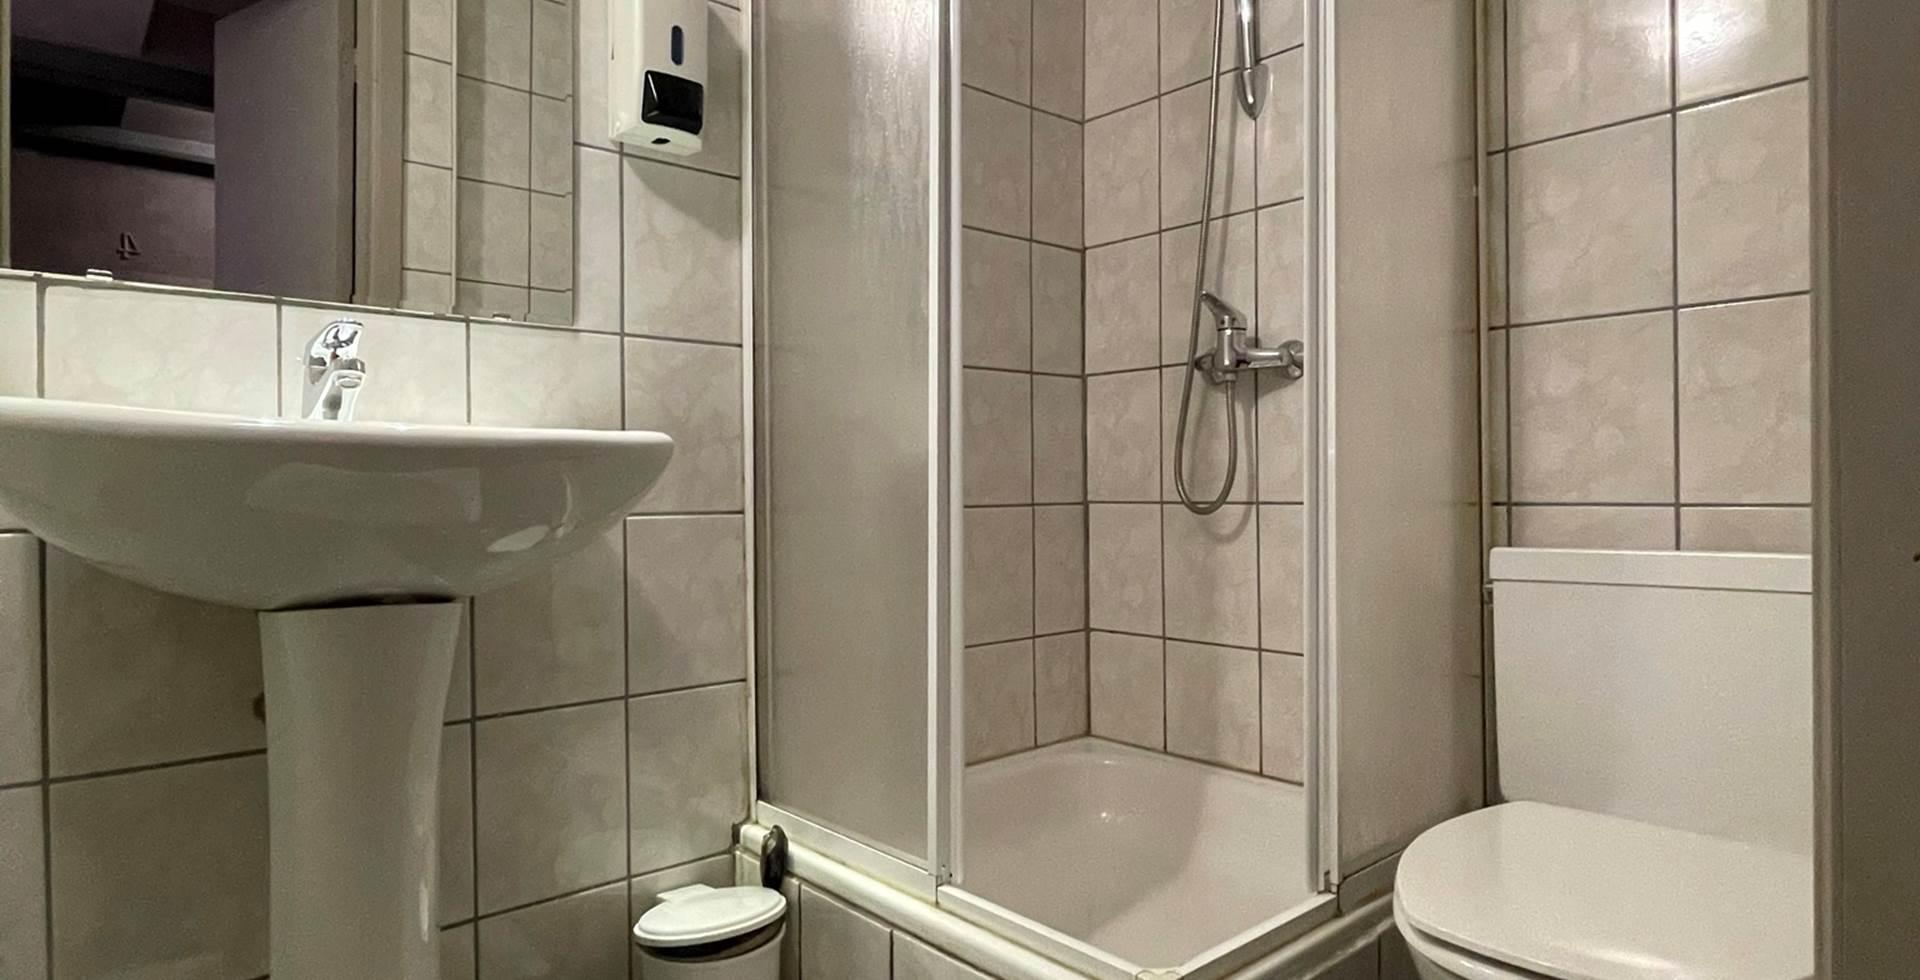 Salle de bain privative de la Chambre Double 3 comprenant une douche, un lavabo, un sèche cheveux et une toilette.